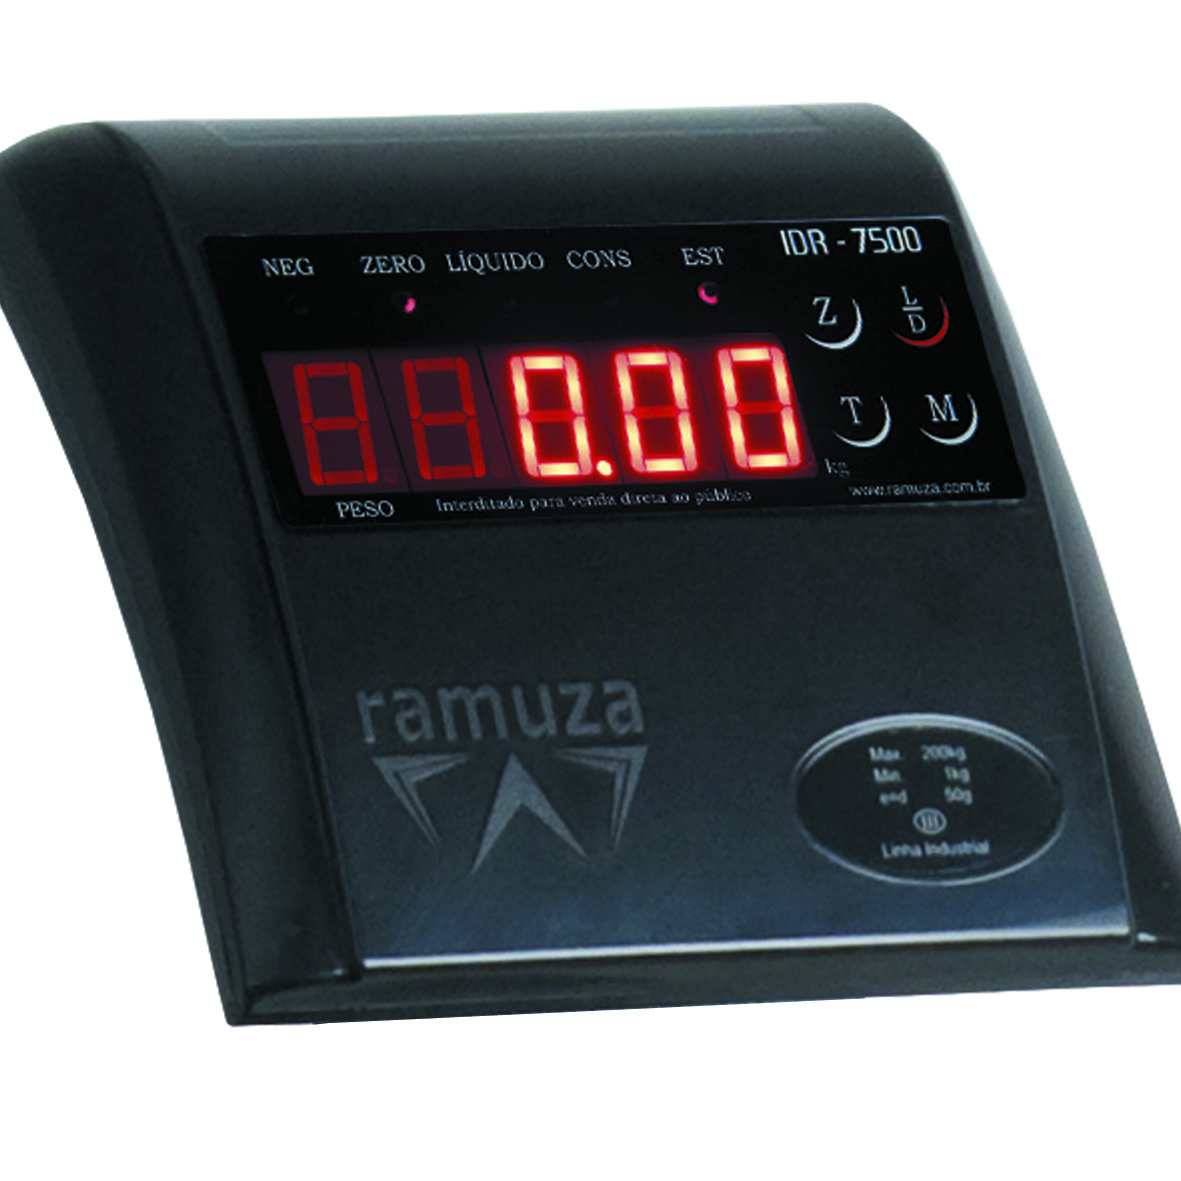 Balança Industrial Plataforma em Aço Carbono Ramuza DP - Capacidade: 200kg, Base: 50x50cm, IDR de ABS sem bateria